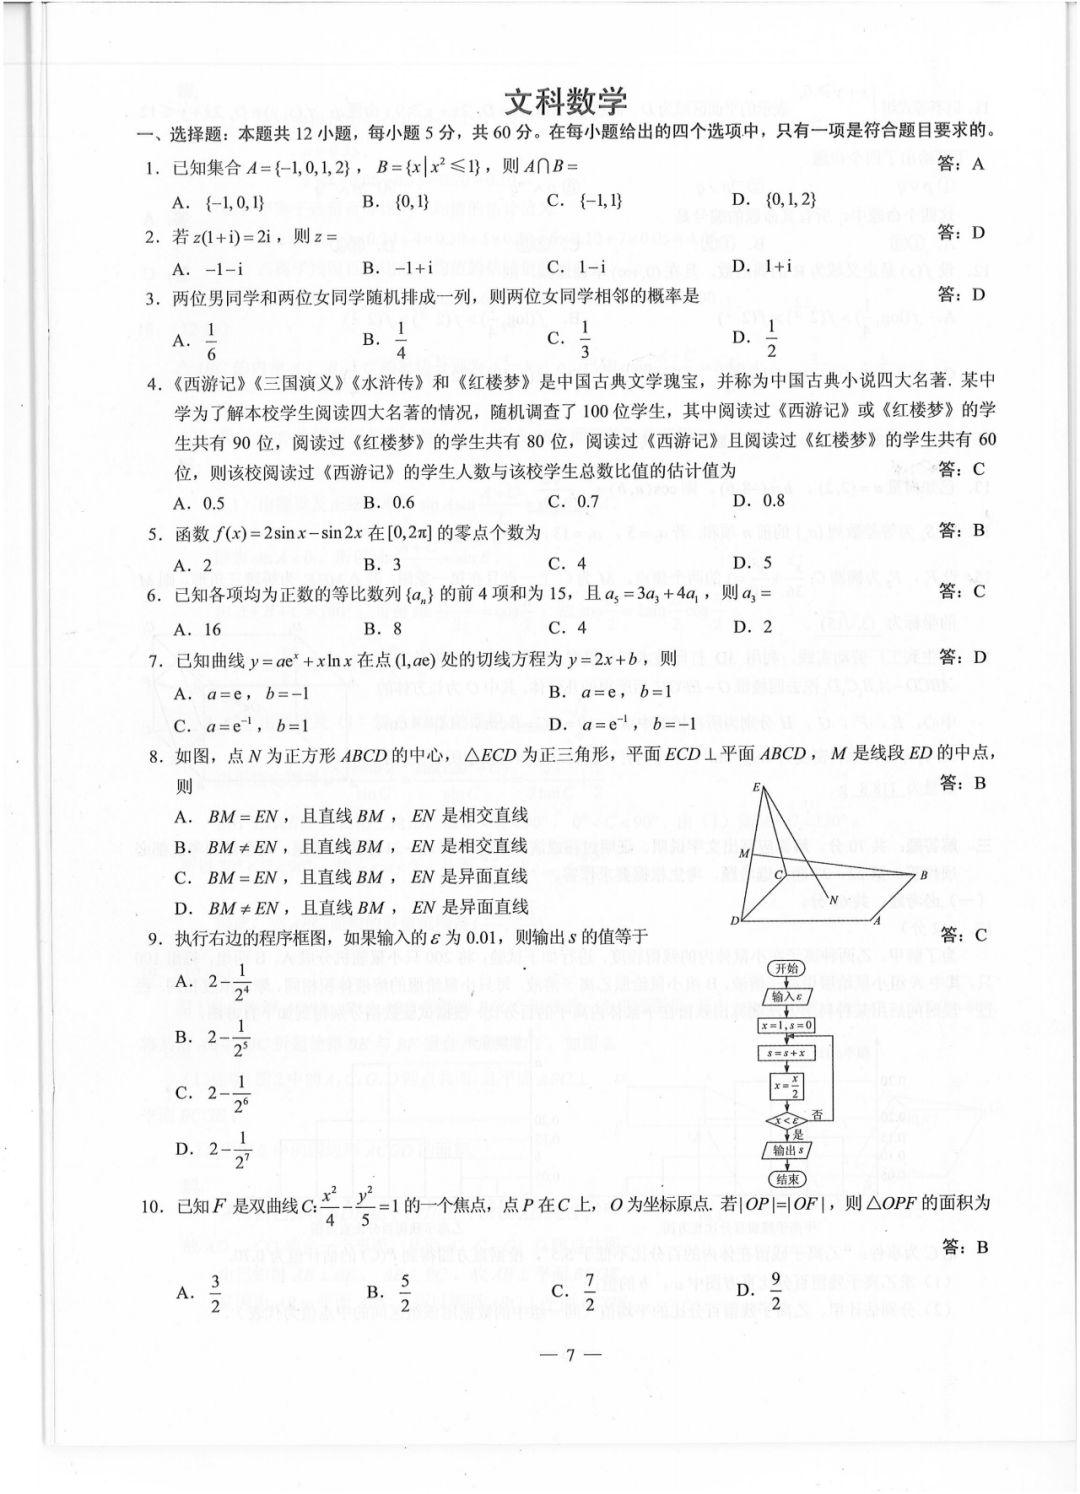 2019贵州高考各科试题及答案公布,快转给考生和家长